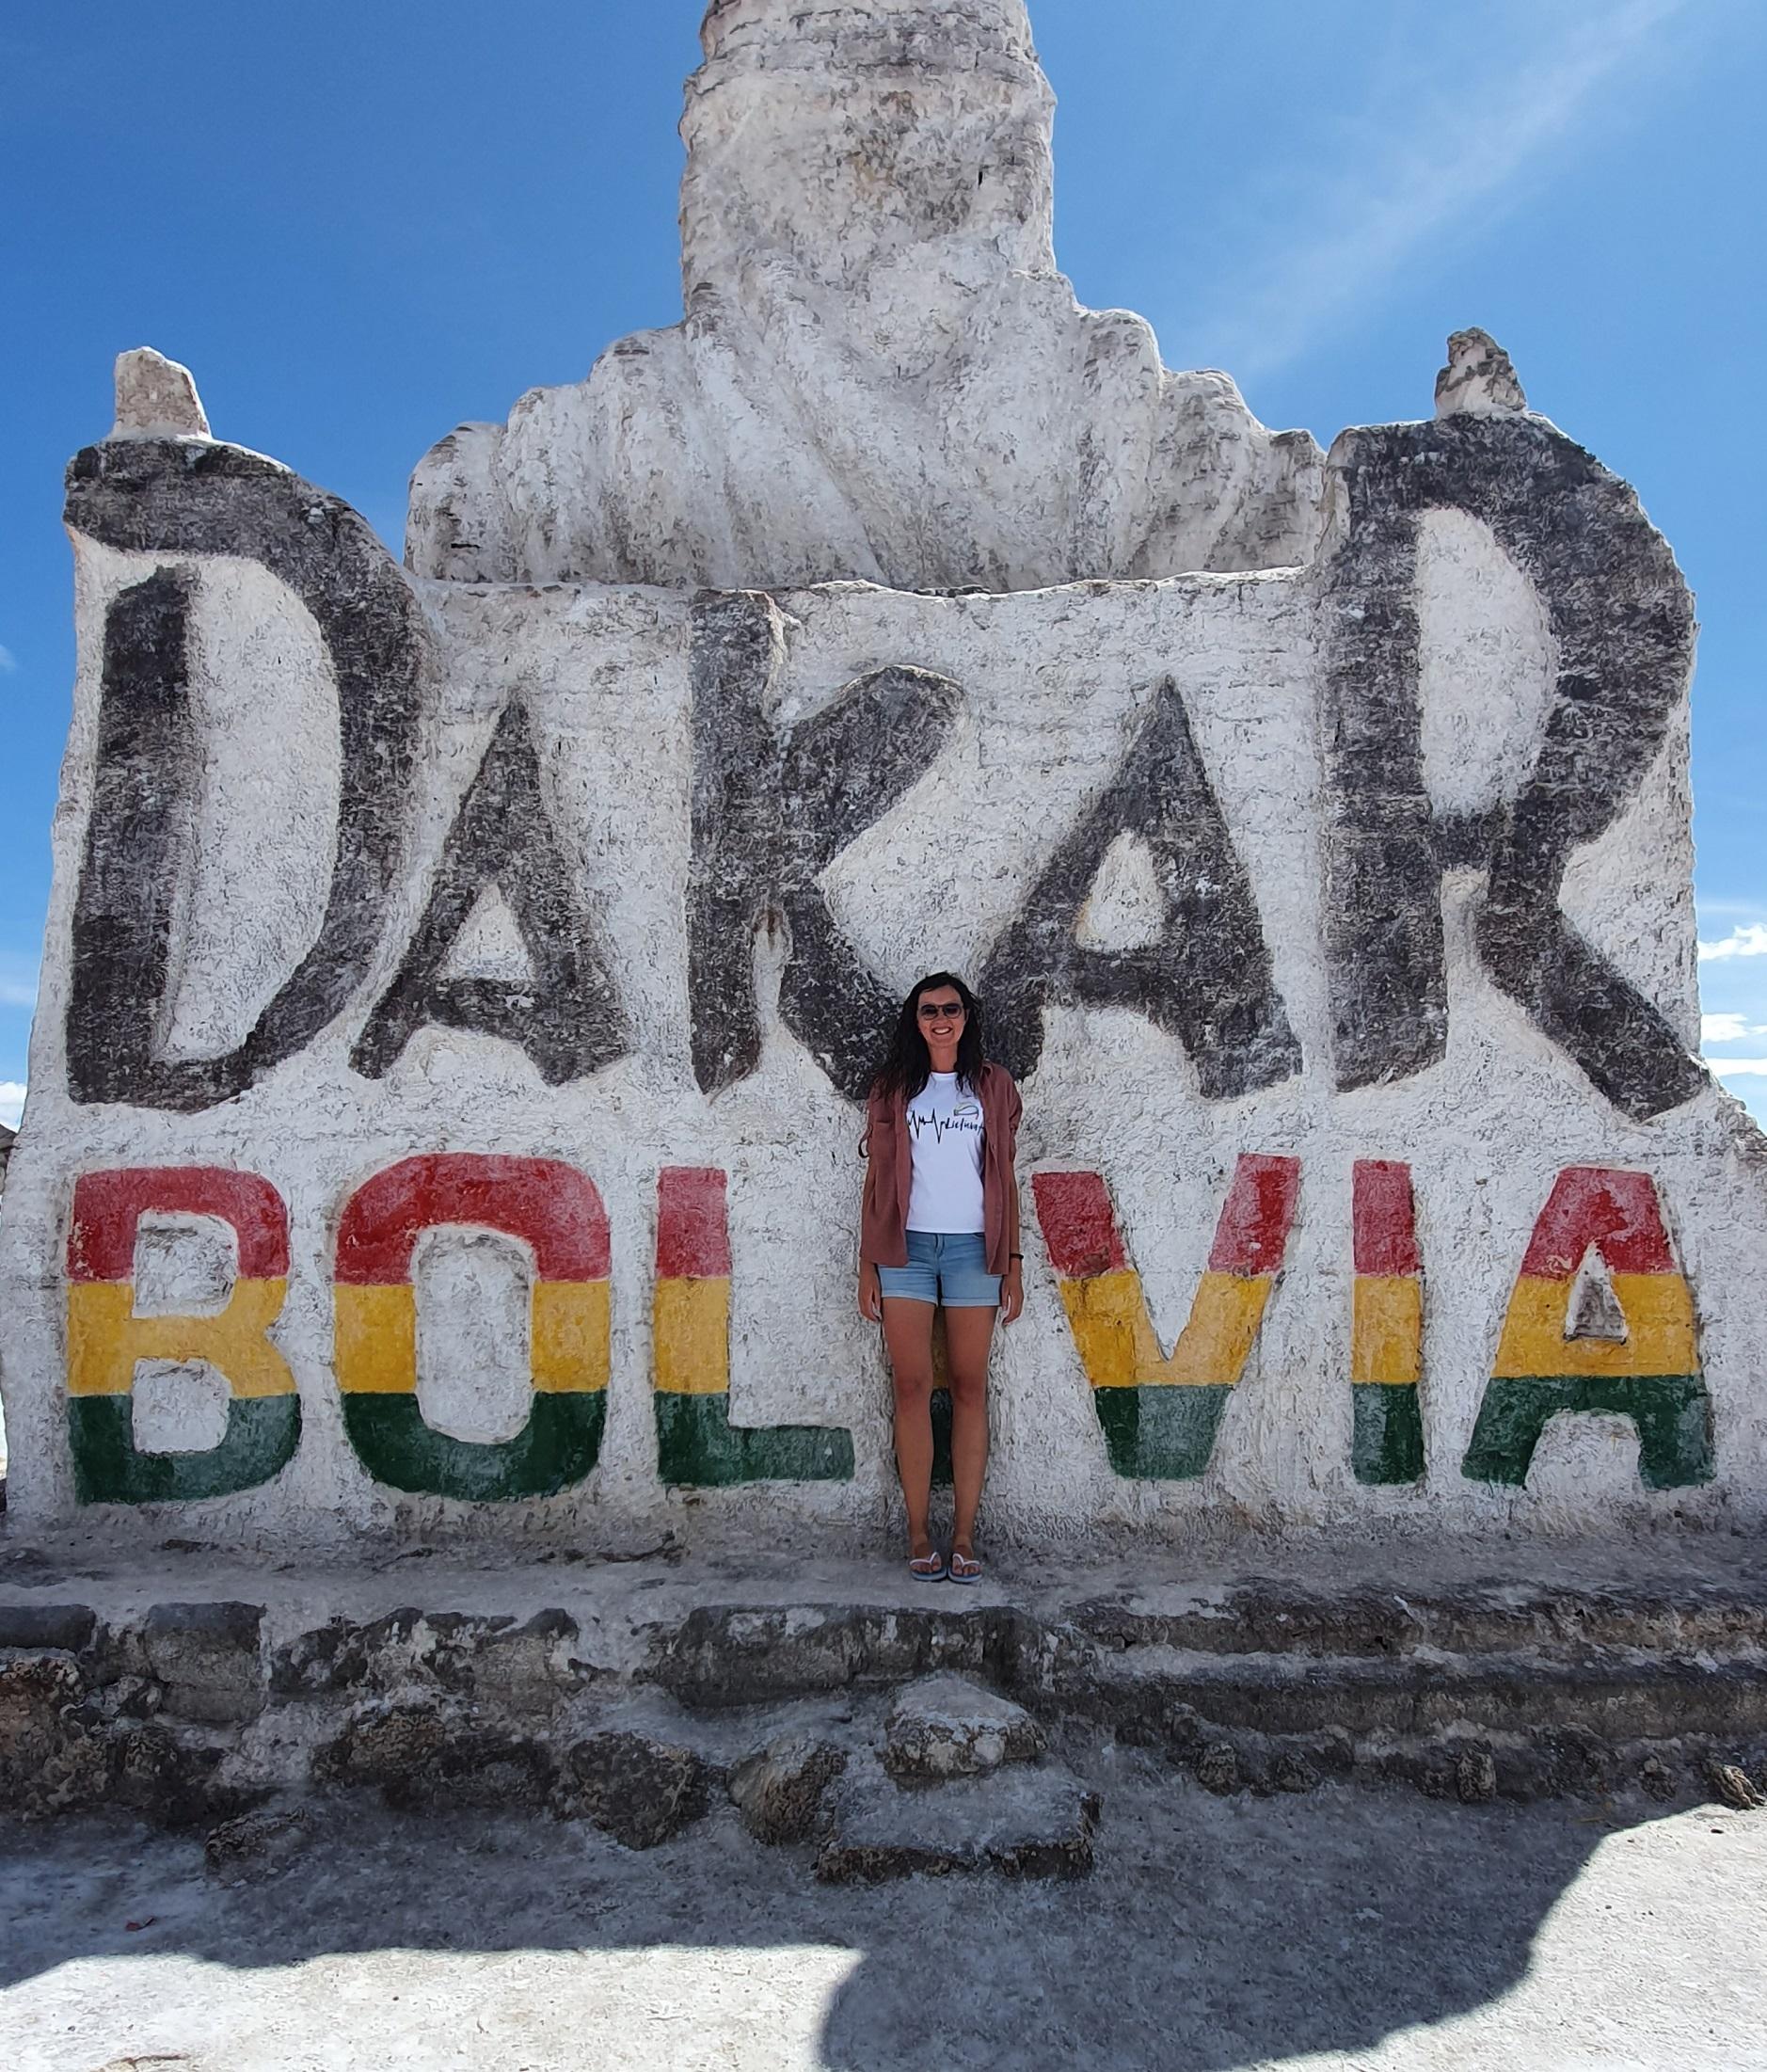 Prieš dvejus metus Pietų Amerikoje vykęs žymusis Dakaro ralis nusidriekė ir per Bolivijos teritoriją. Vietiniai tuo didžiuojasi, todėl iki šiol saugo viską, kas primena didžiąsias lenktynes. Asmeninio archyvo nuotr.